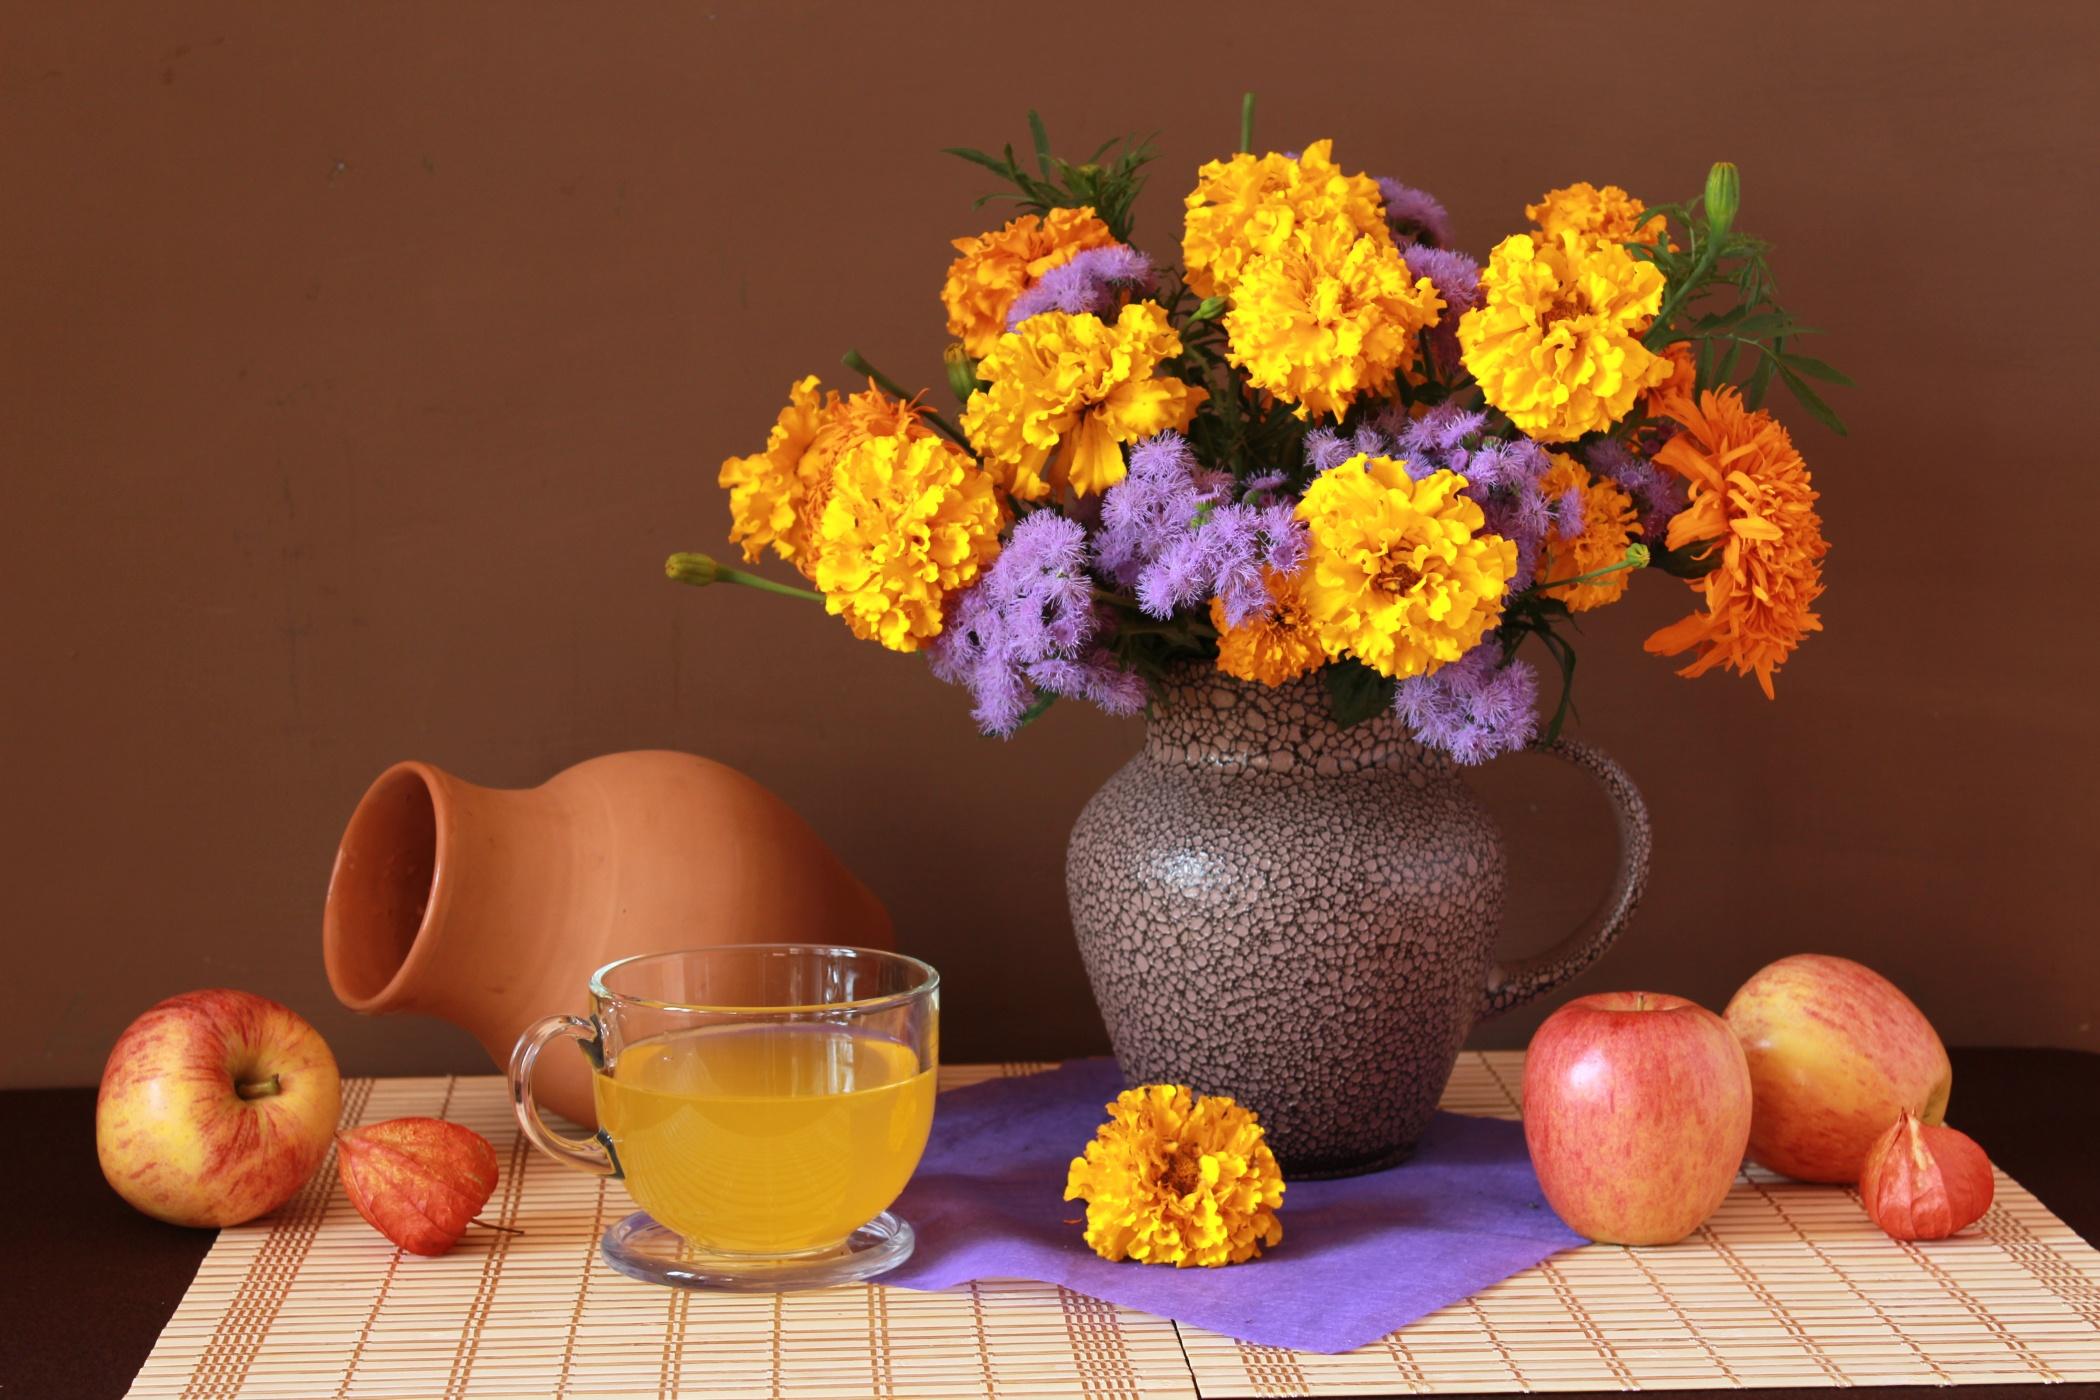 гриб картинки на рабочий стол осень в вазе скидывают